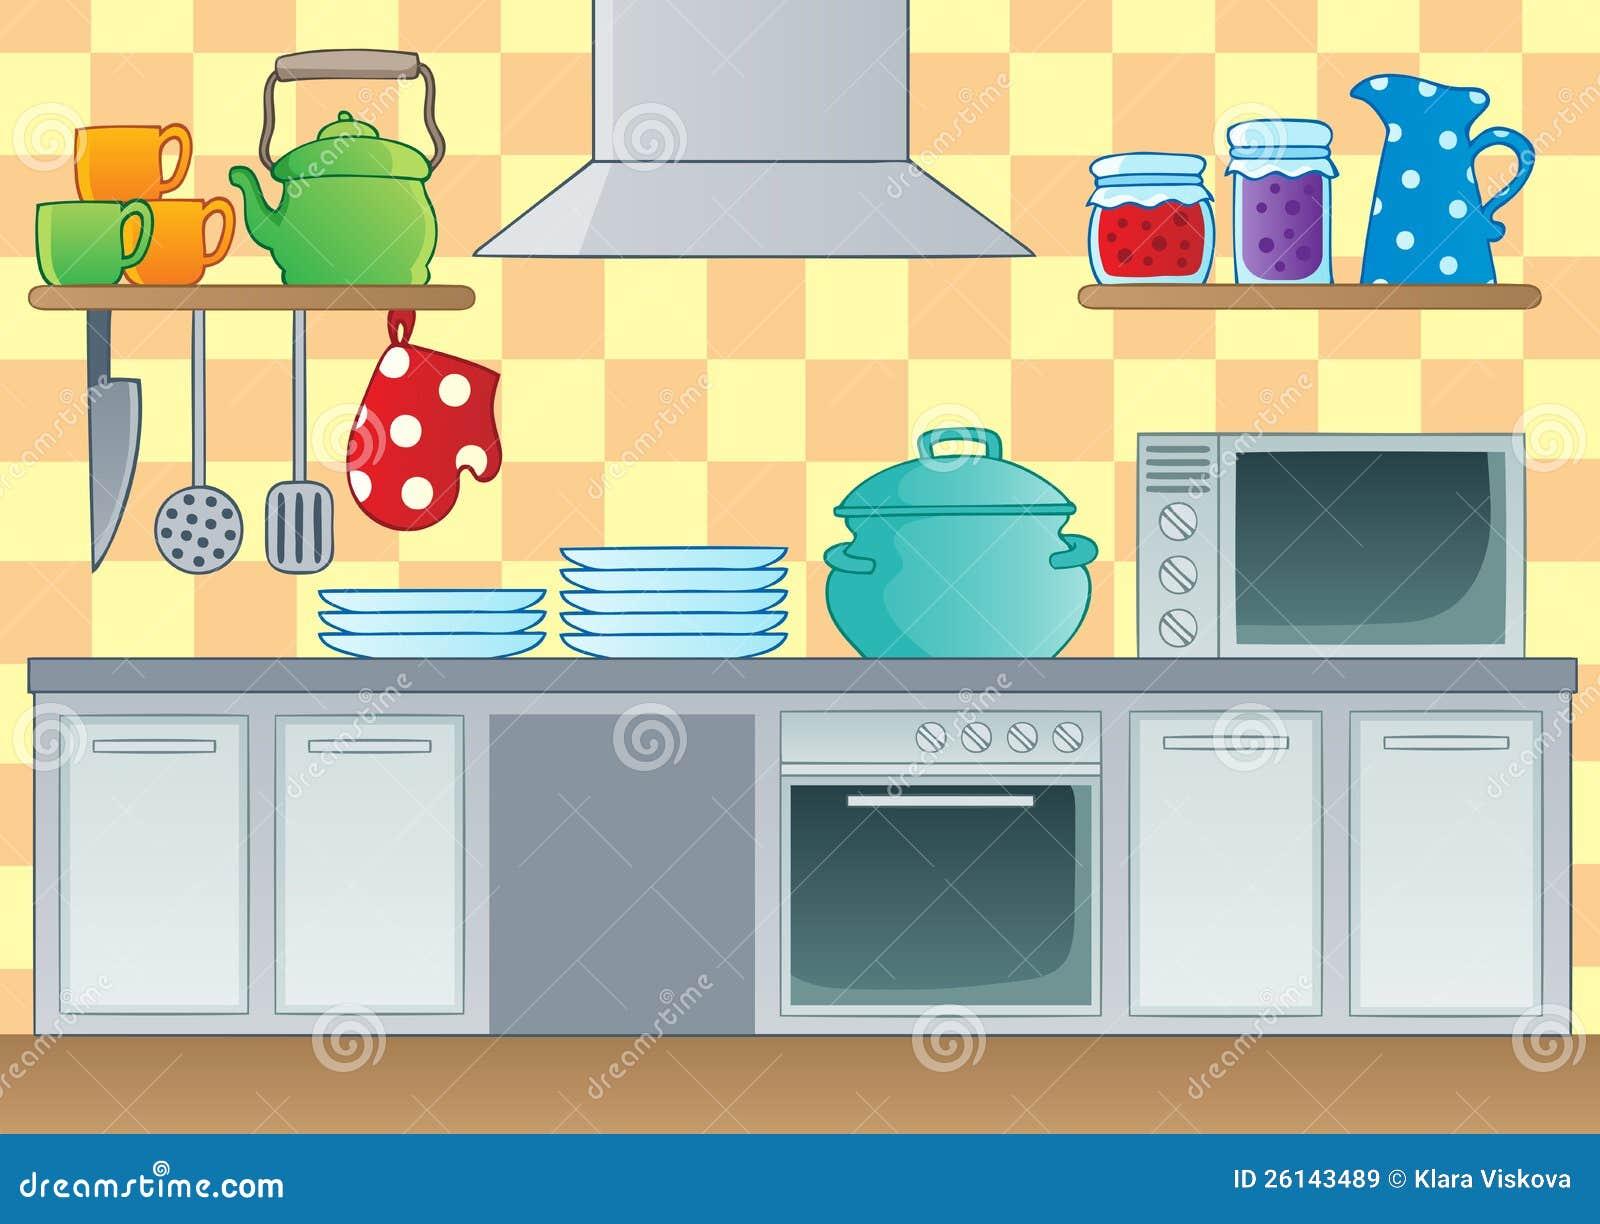 Kitchen theme image 1